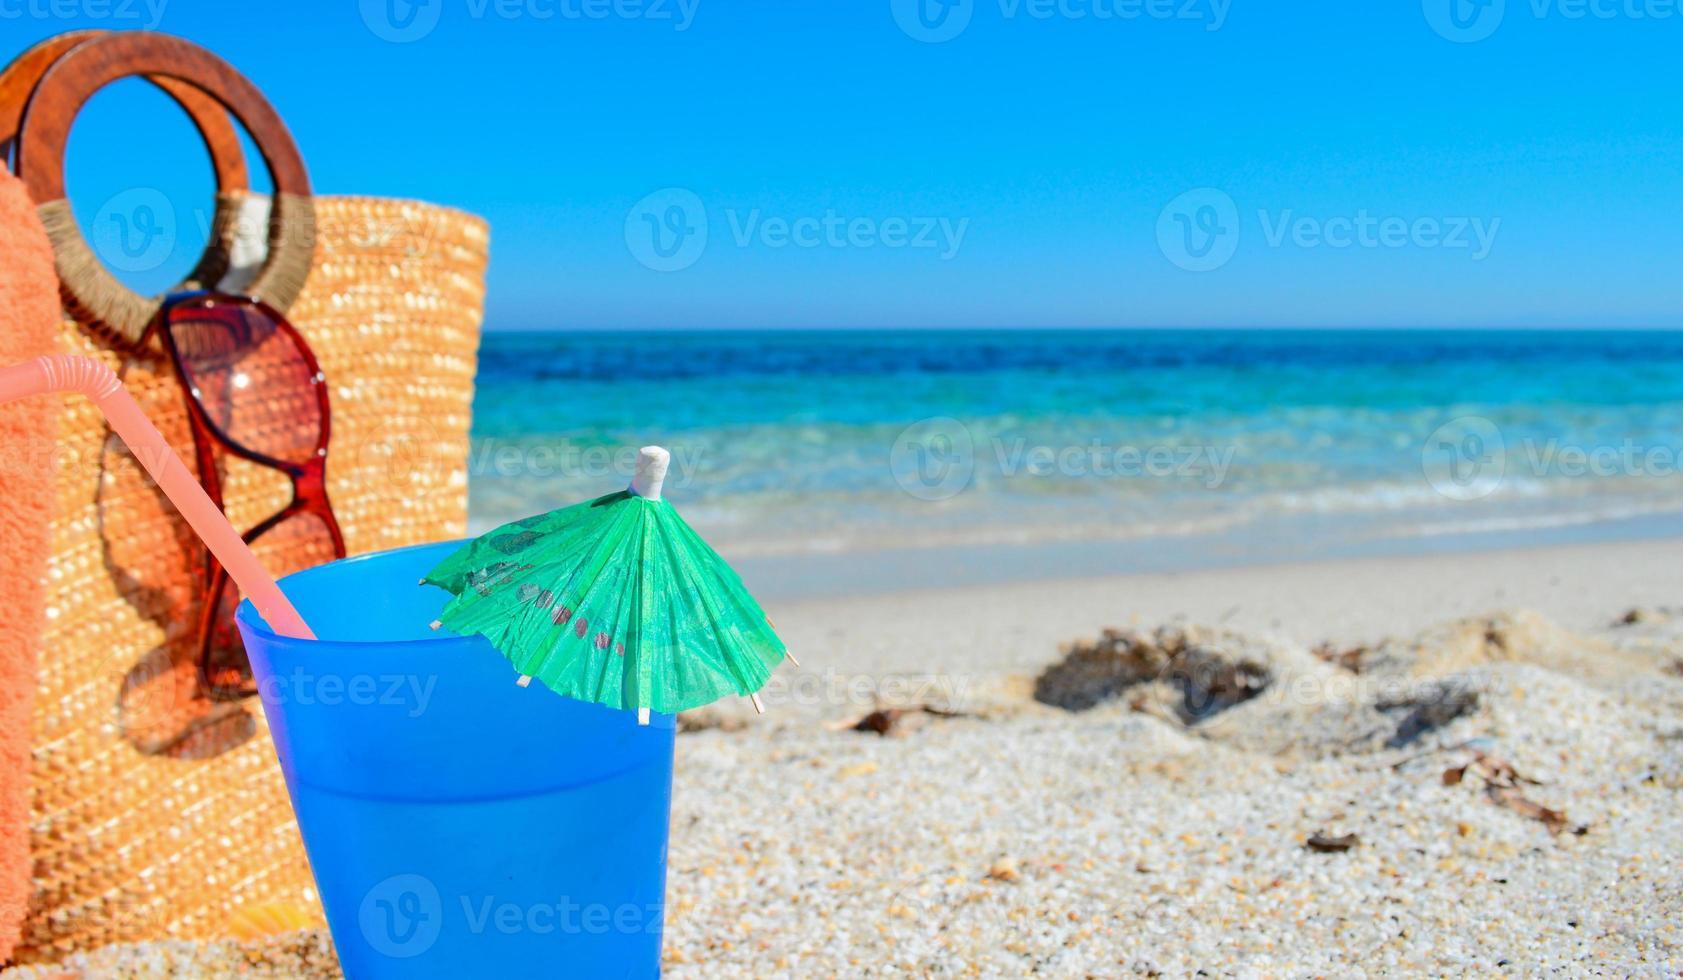 sac à boisson et paille bleu photo